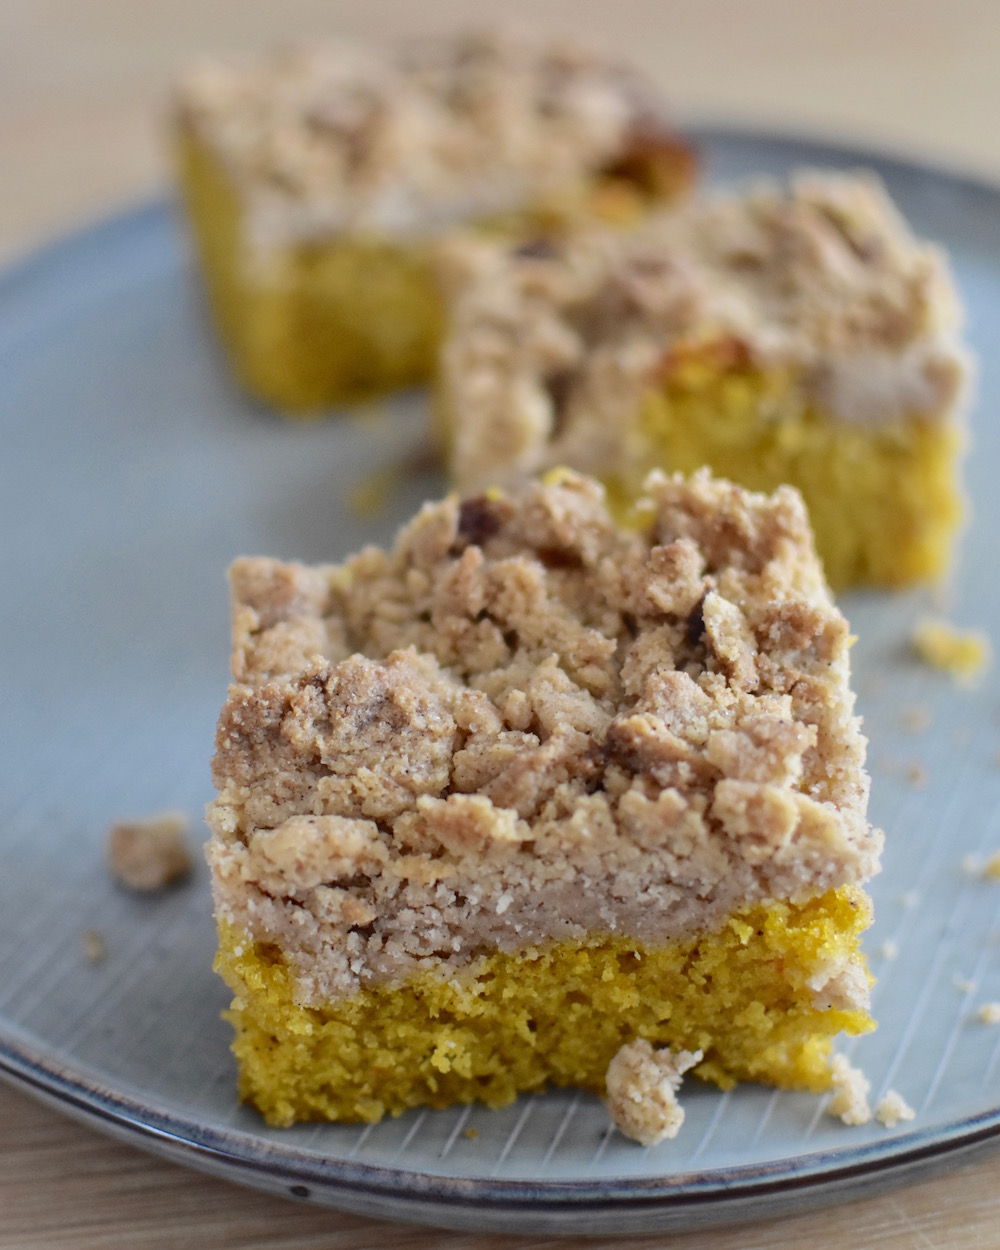 Kürbiskuchen mit Zimt-Streuseln - Püree aus Hokkaido-Kürbis macht den Kuchen zum nächsten Herbstklassiker.